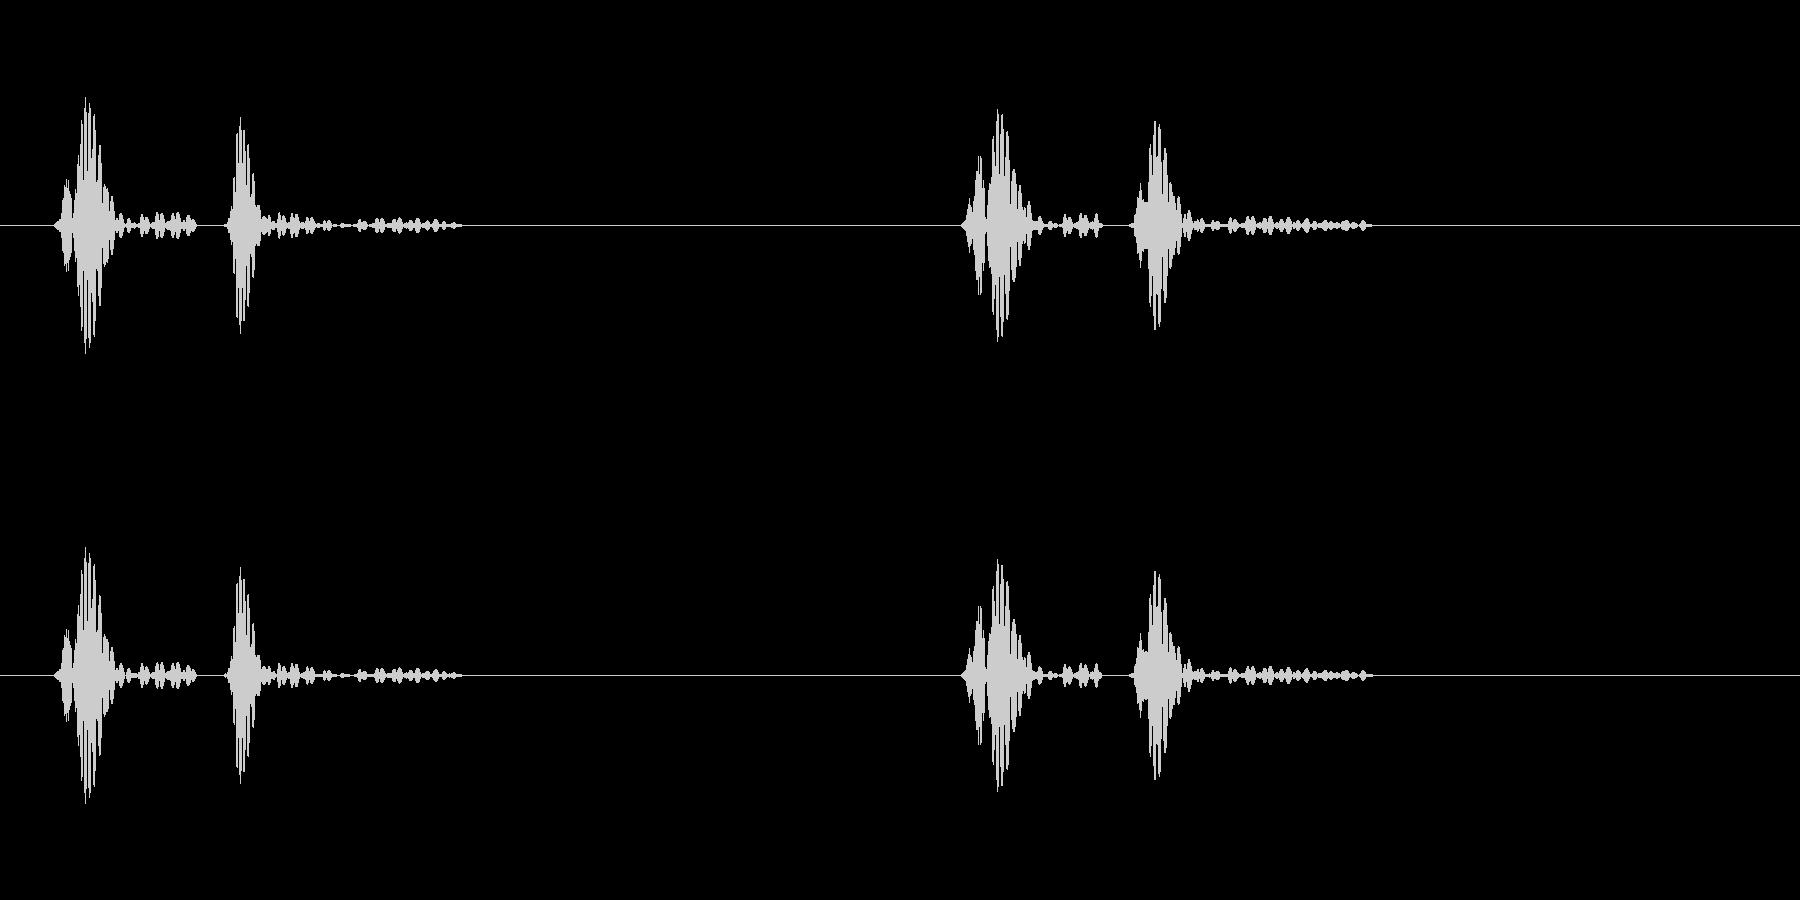 ドクンドクンという心臓の鼓動(早)ループの未再生の波形